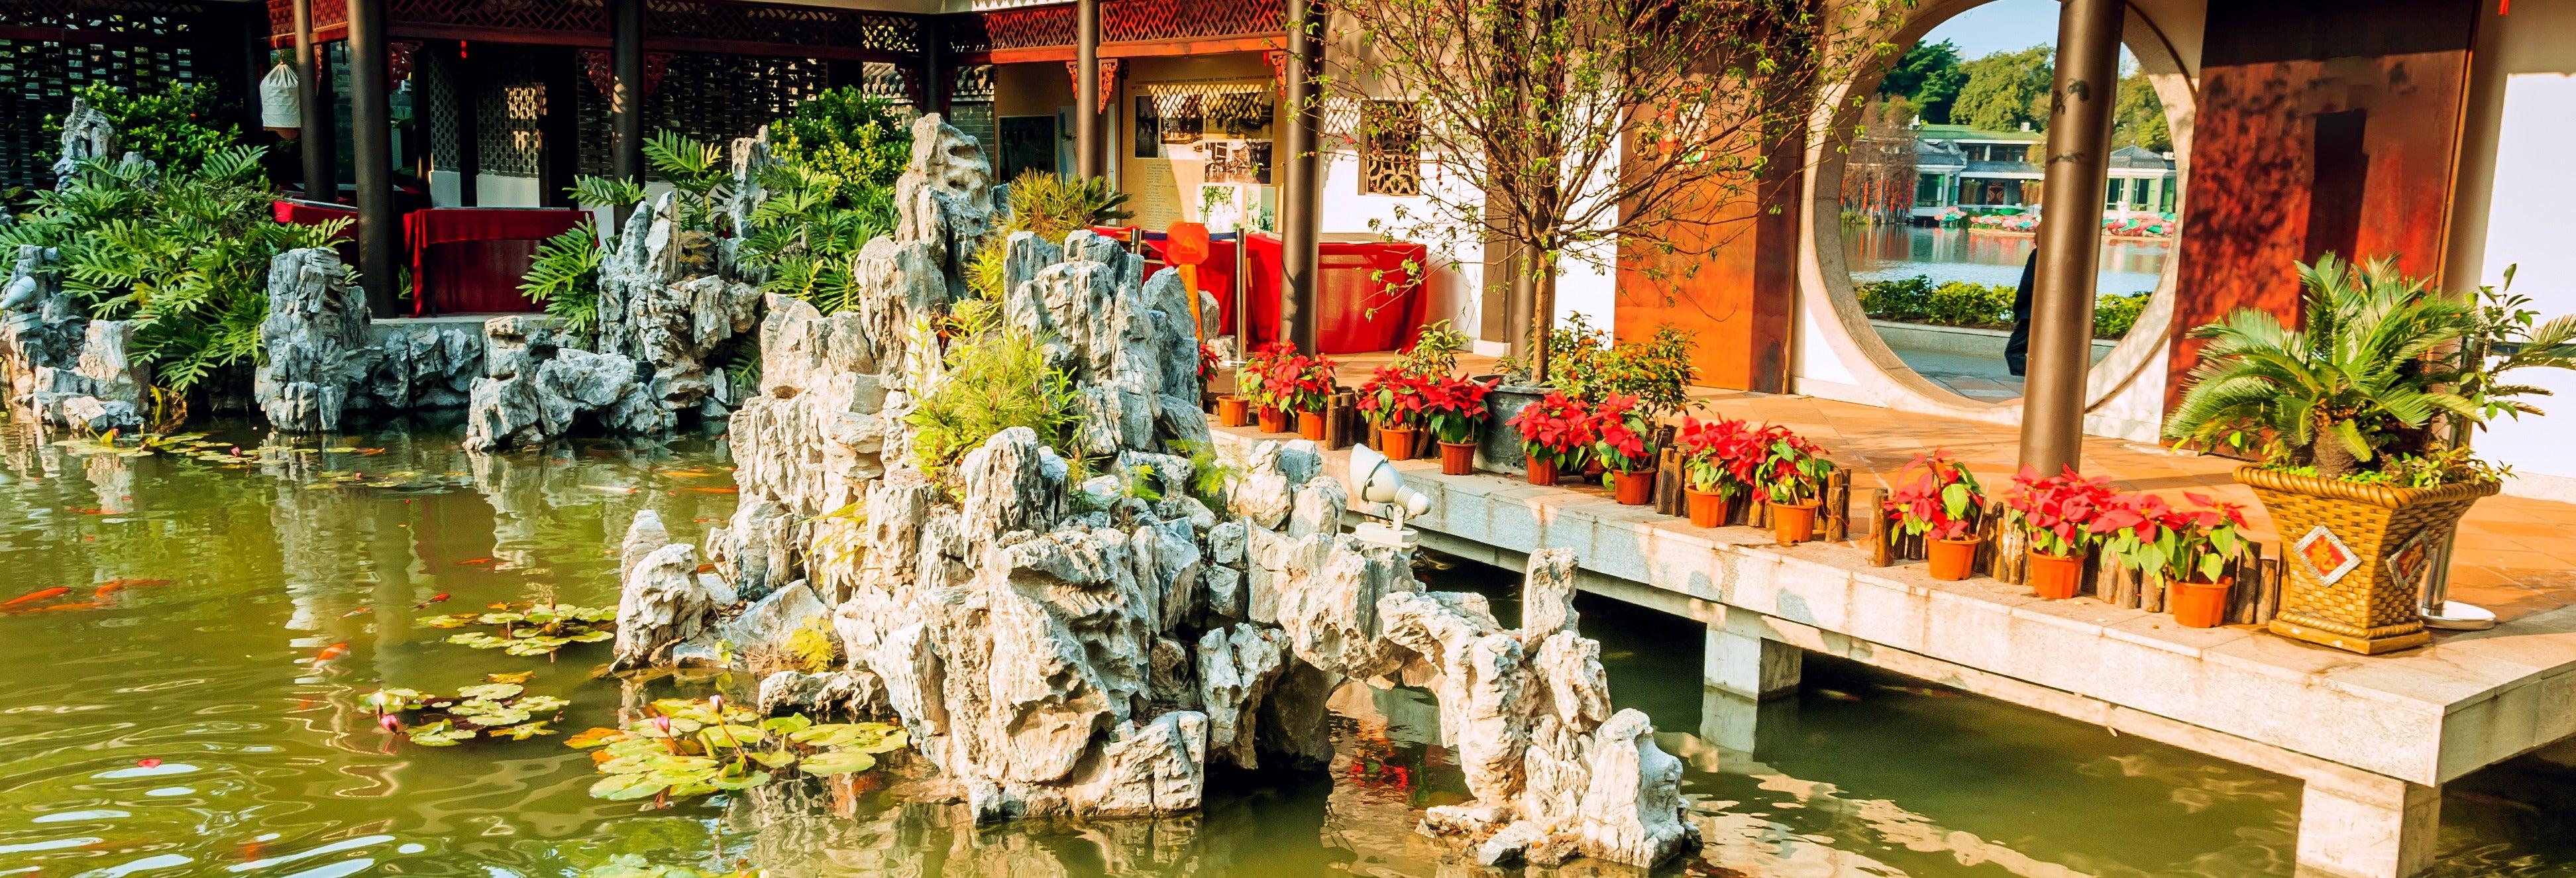 Visita guiada pela Guangzhou imprescindível